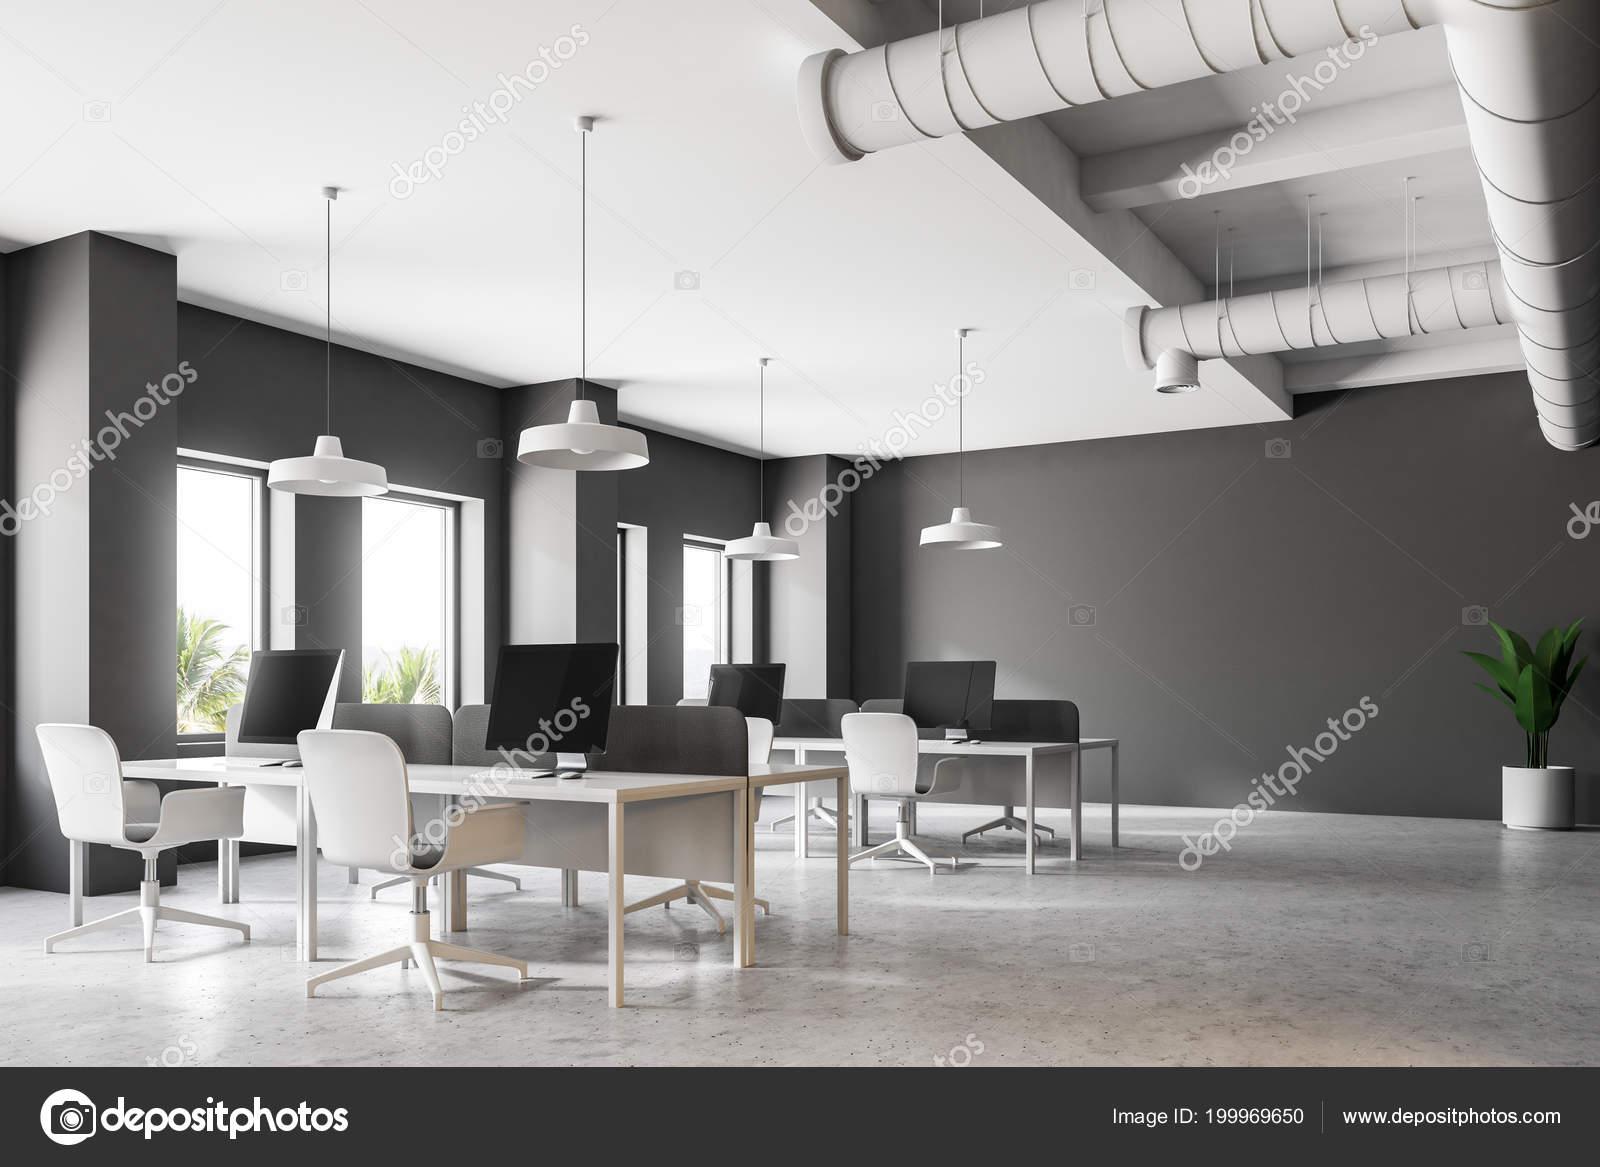 Pavimento Bianco E Grigio : Angolo ufficio stile industriale grigio scuro con pavimento bianco